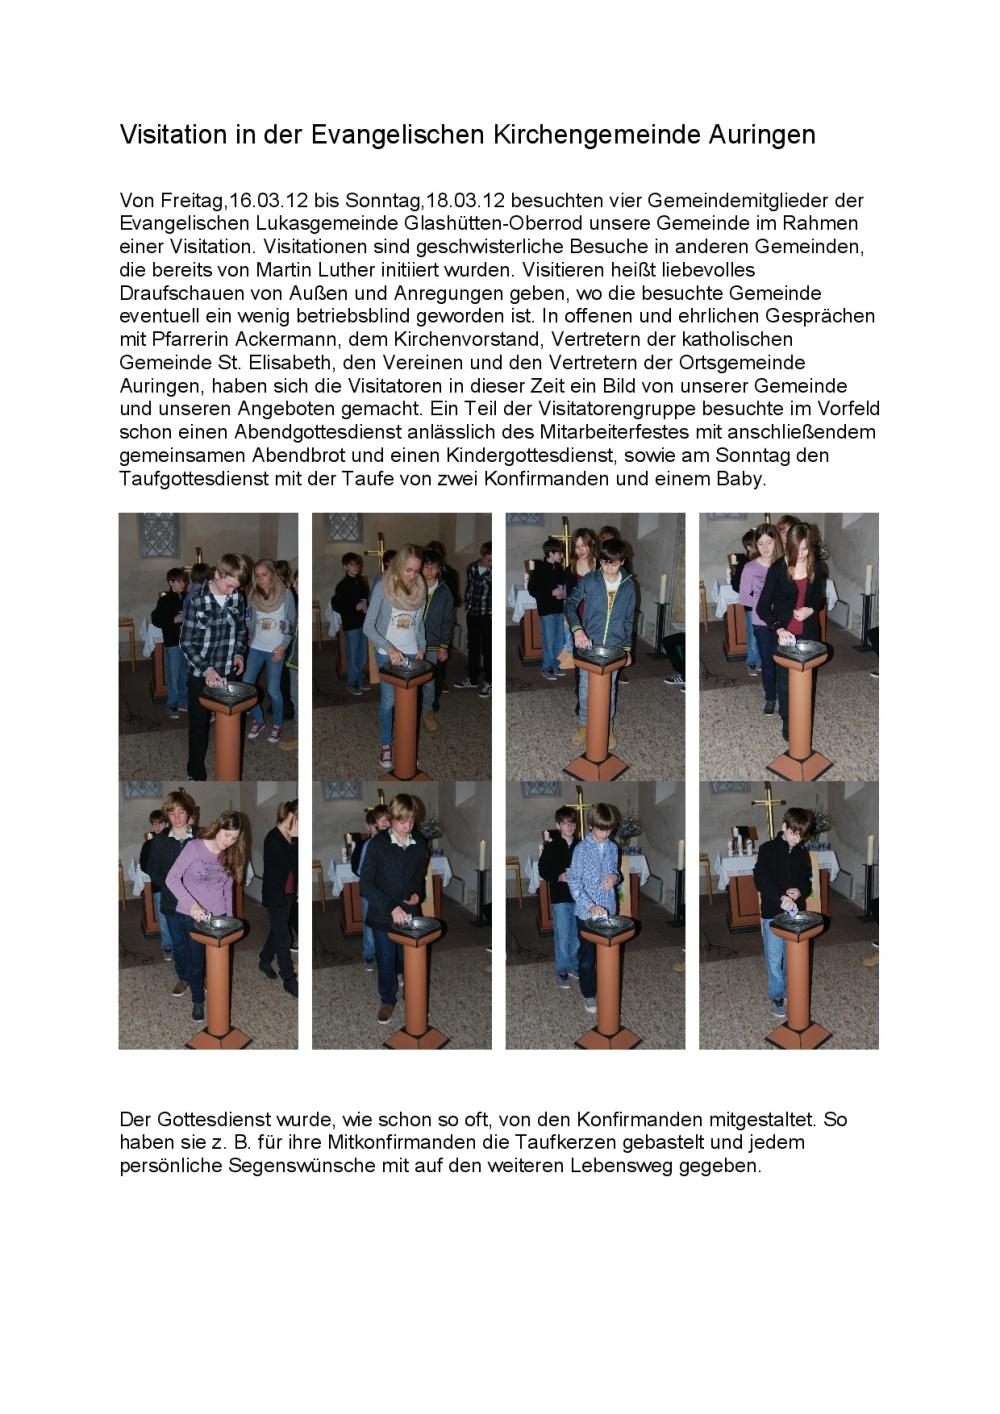 13-Tauf-Godi-Gemeindeversammlung 18.03.12-001